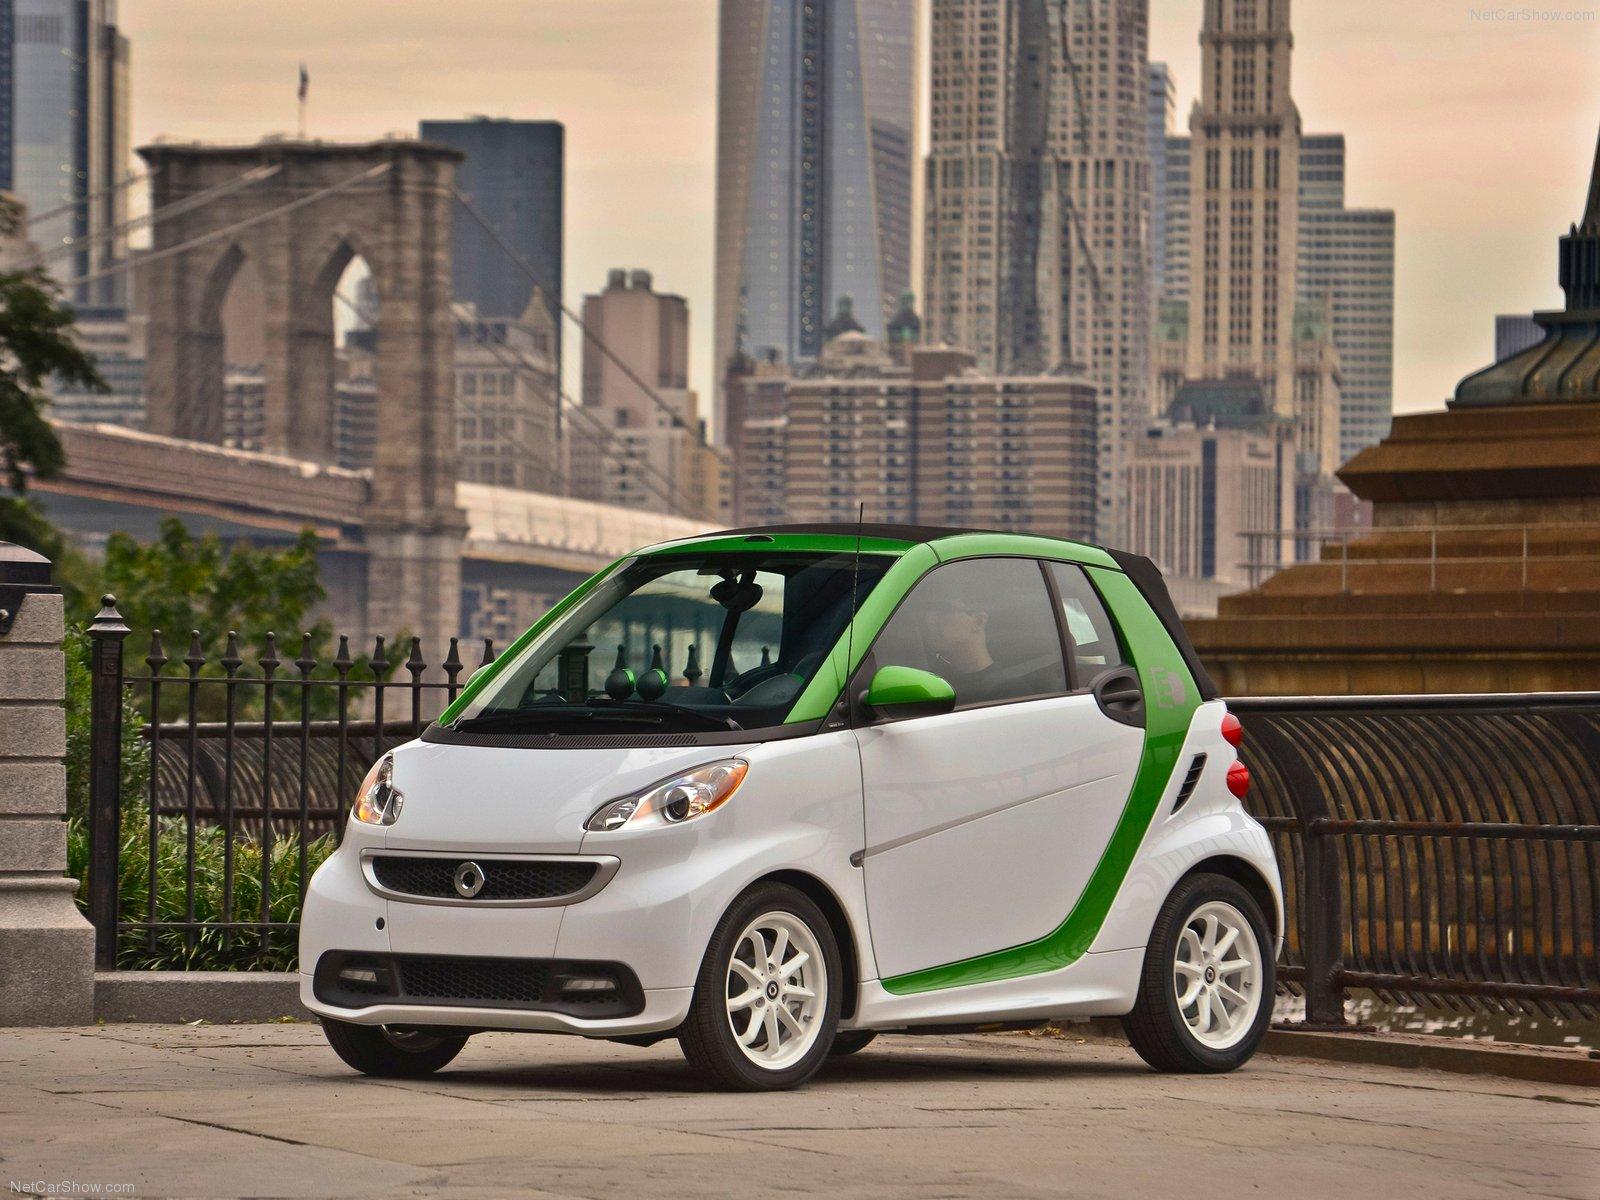 Hình ảnh xe ô tô Smart fortwo electric drive 2013 & nội ngoại thất